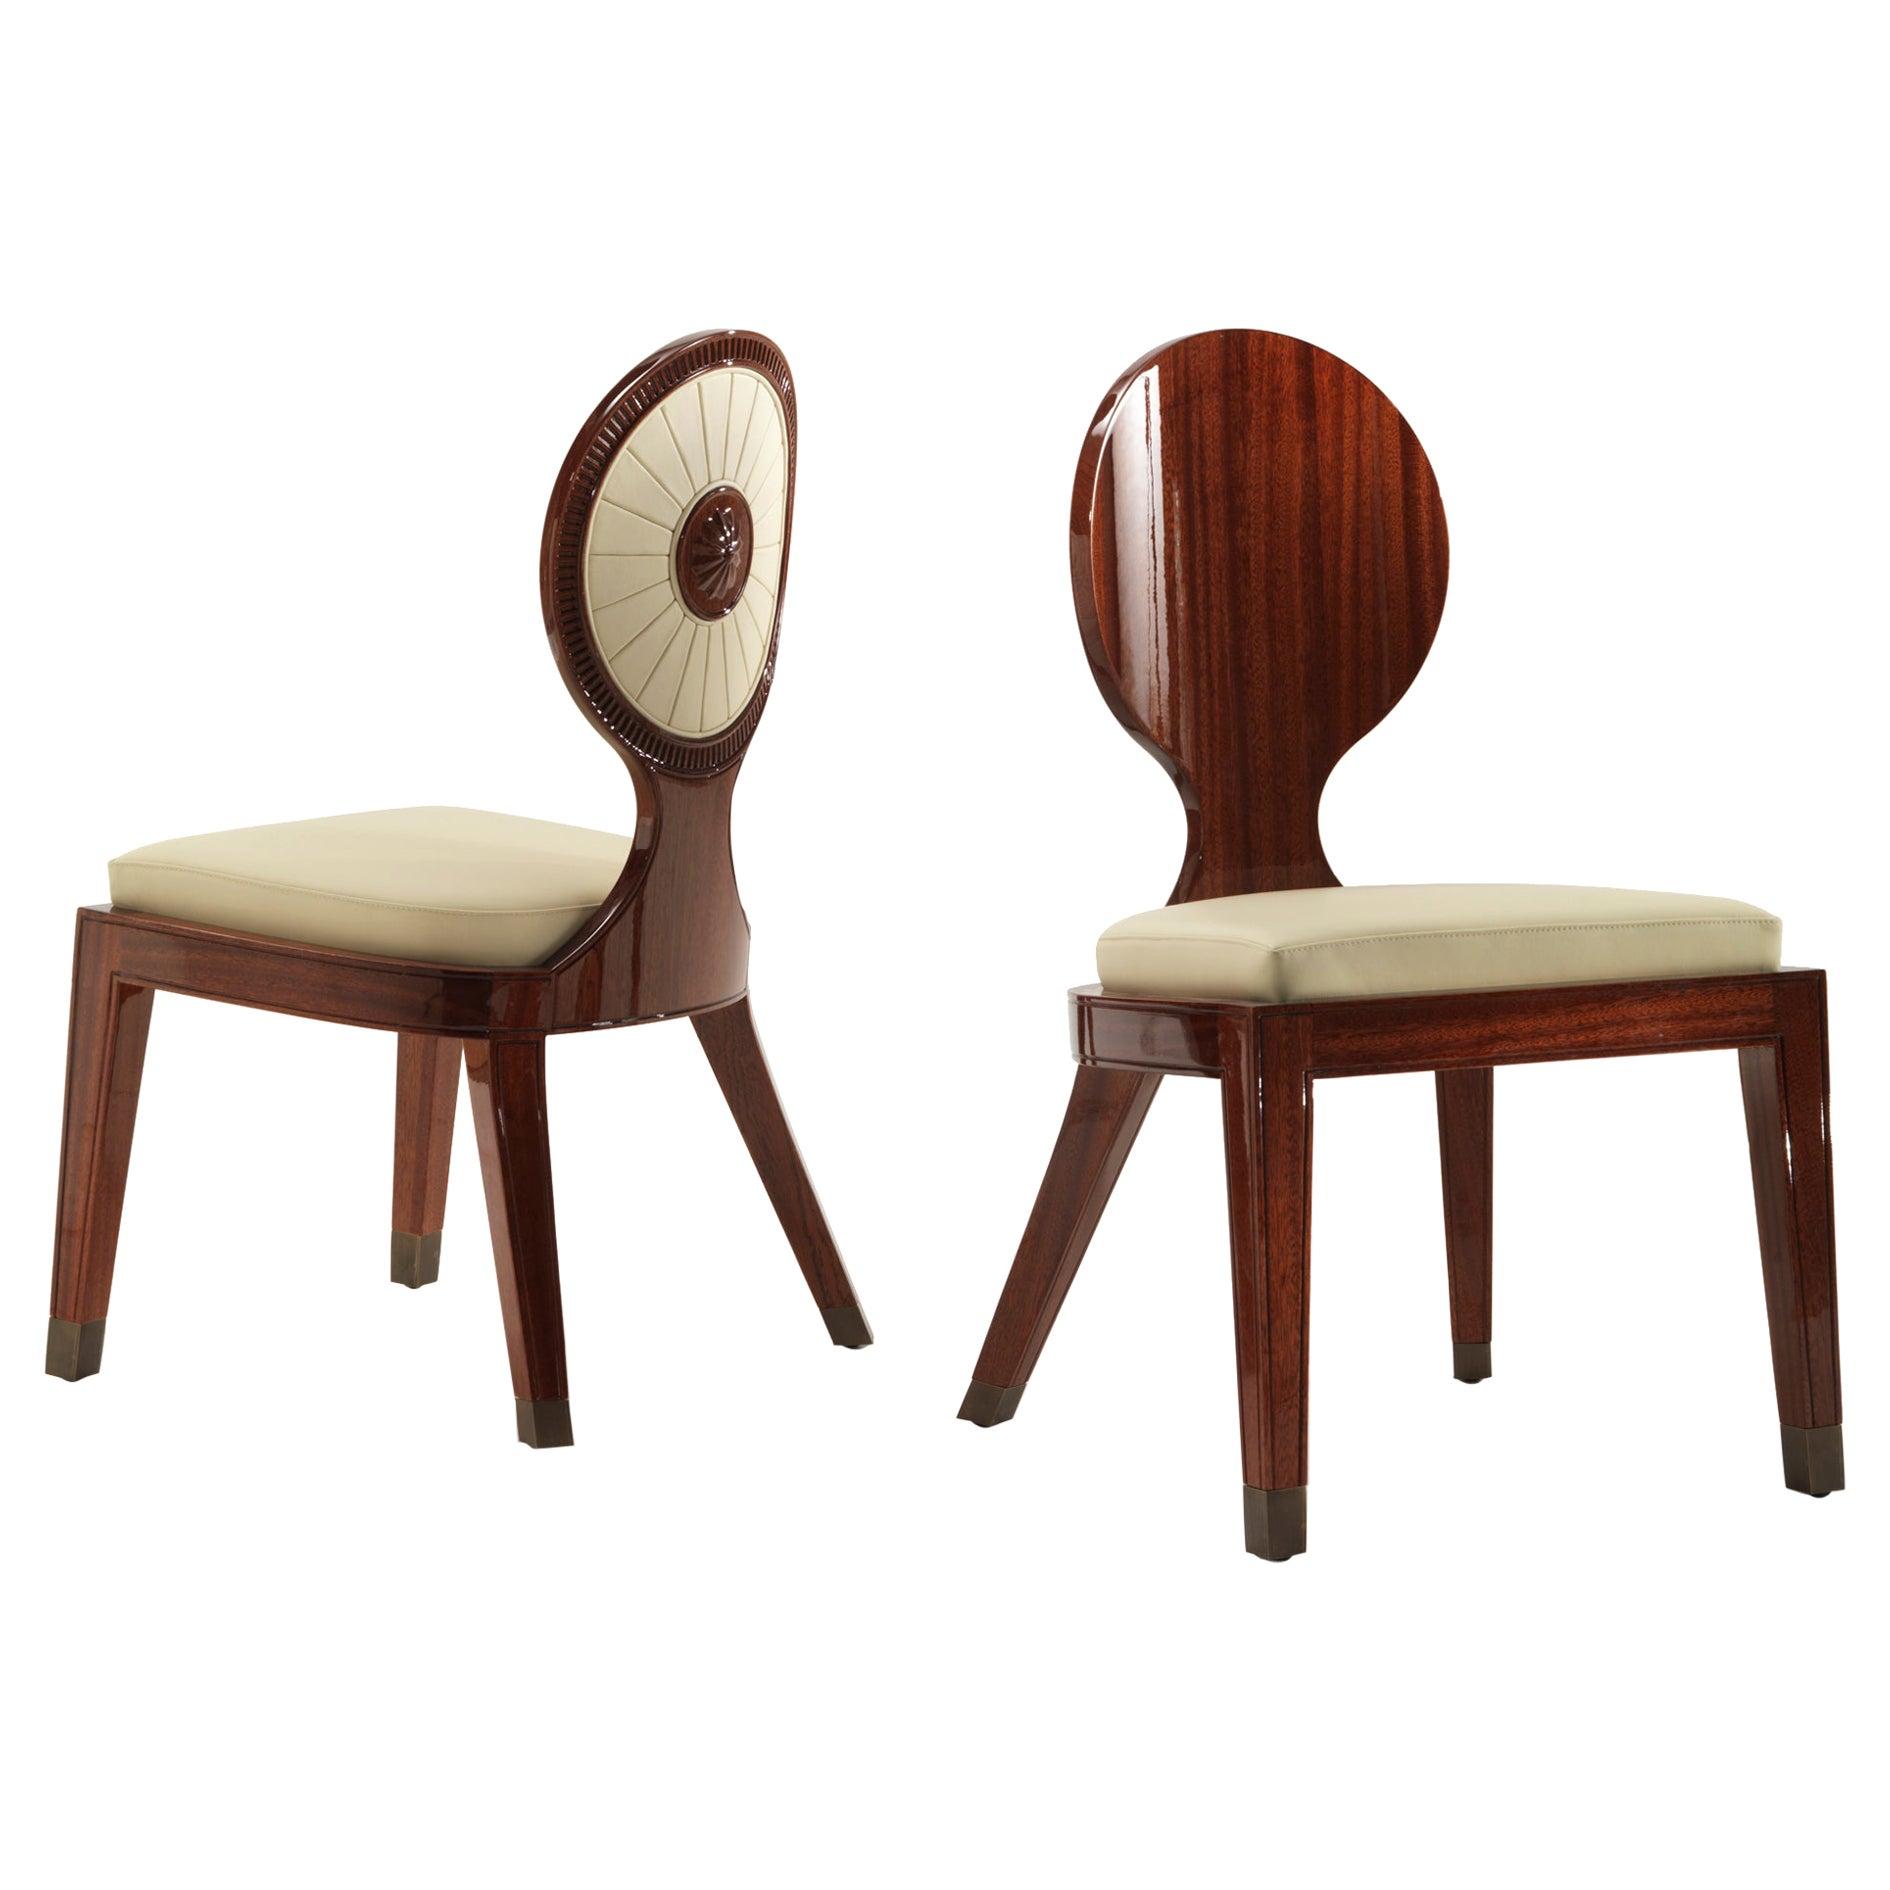 Moon & Sun Dining Chair in Shiny Mahogany Finish